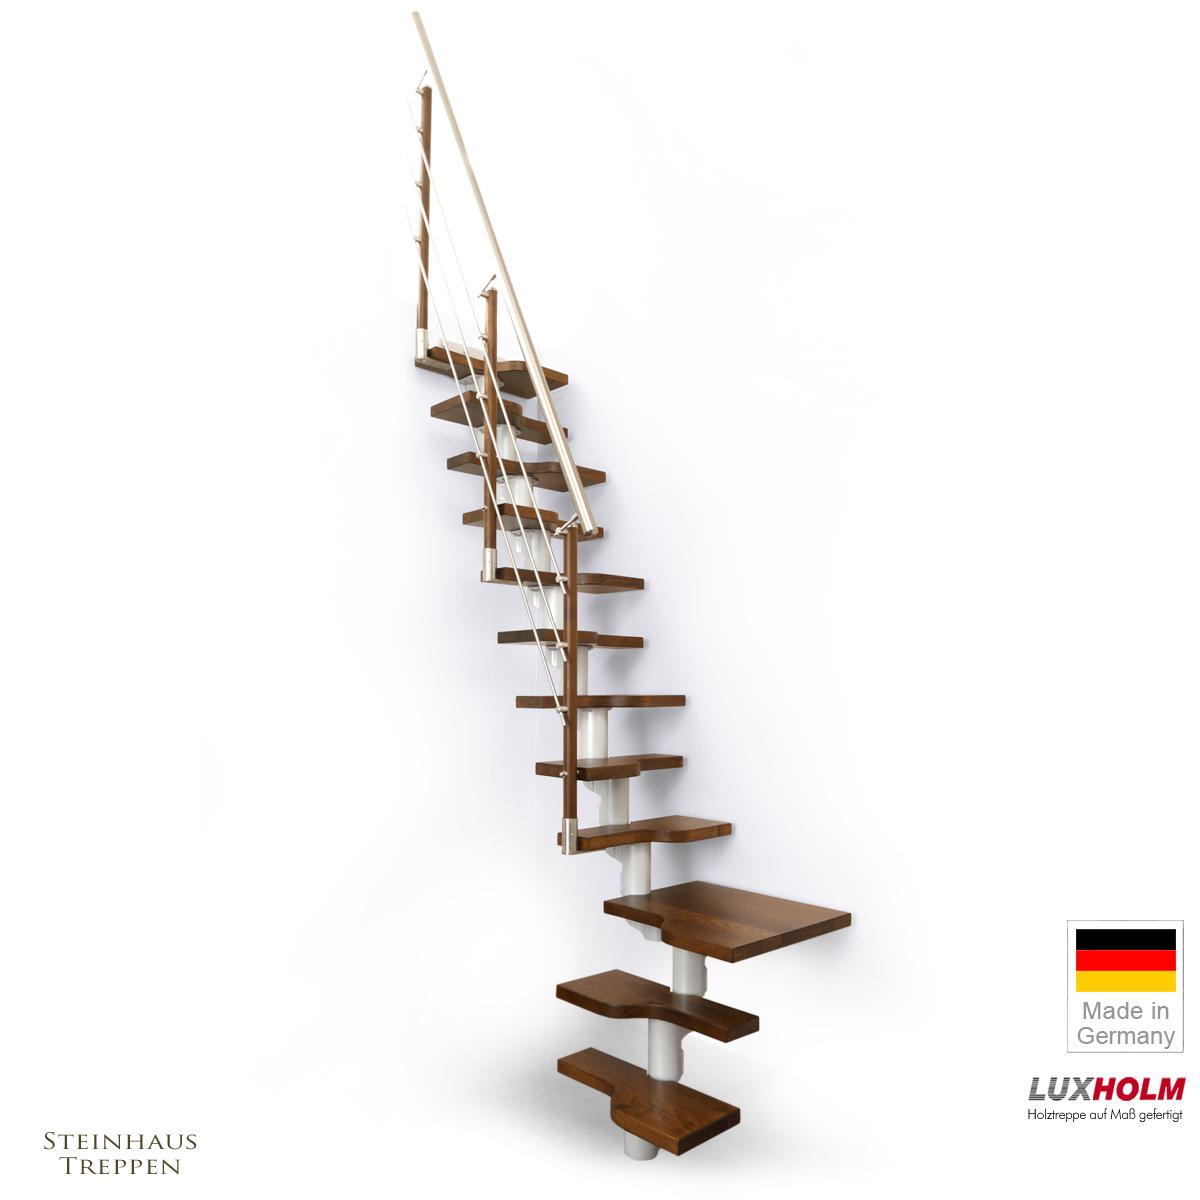 raumspartreppen als ersatz f r eine bodentreppe. Black Bedroom Furniture Sets. Home Design Ideas